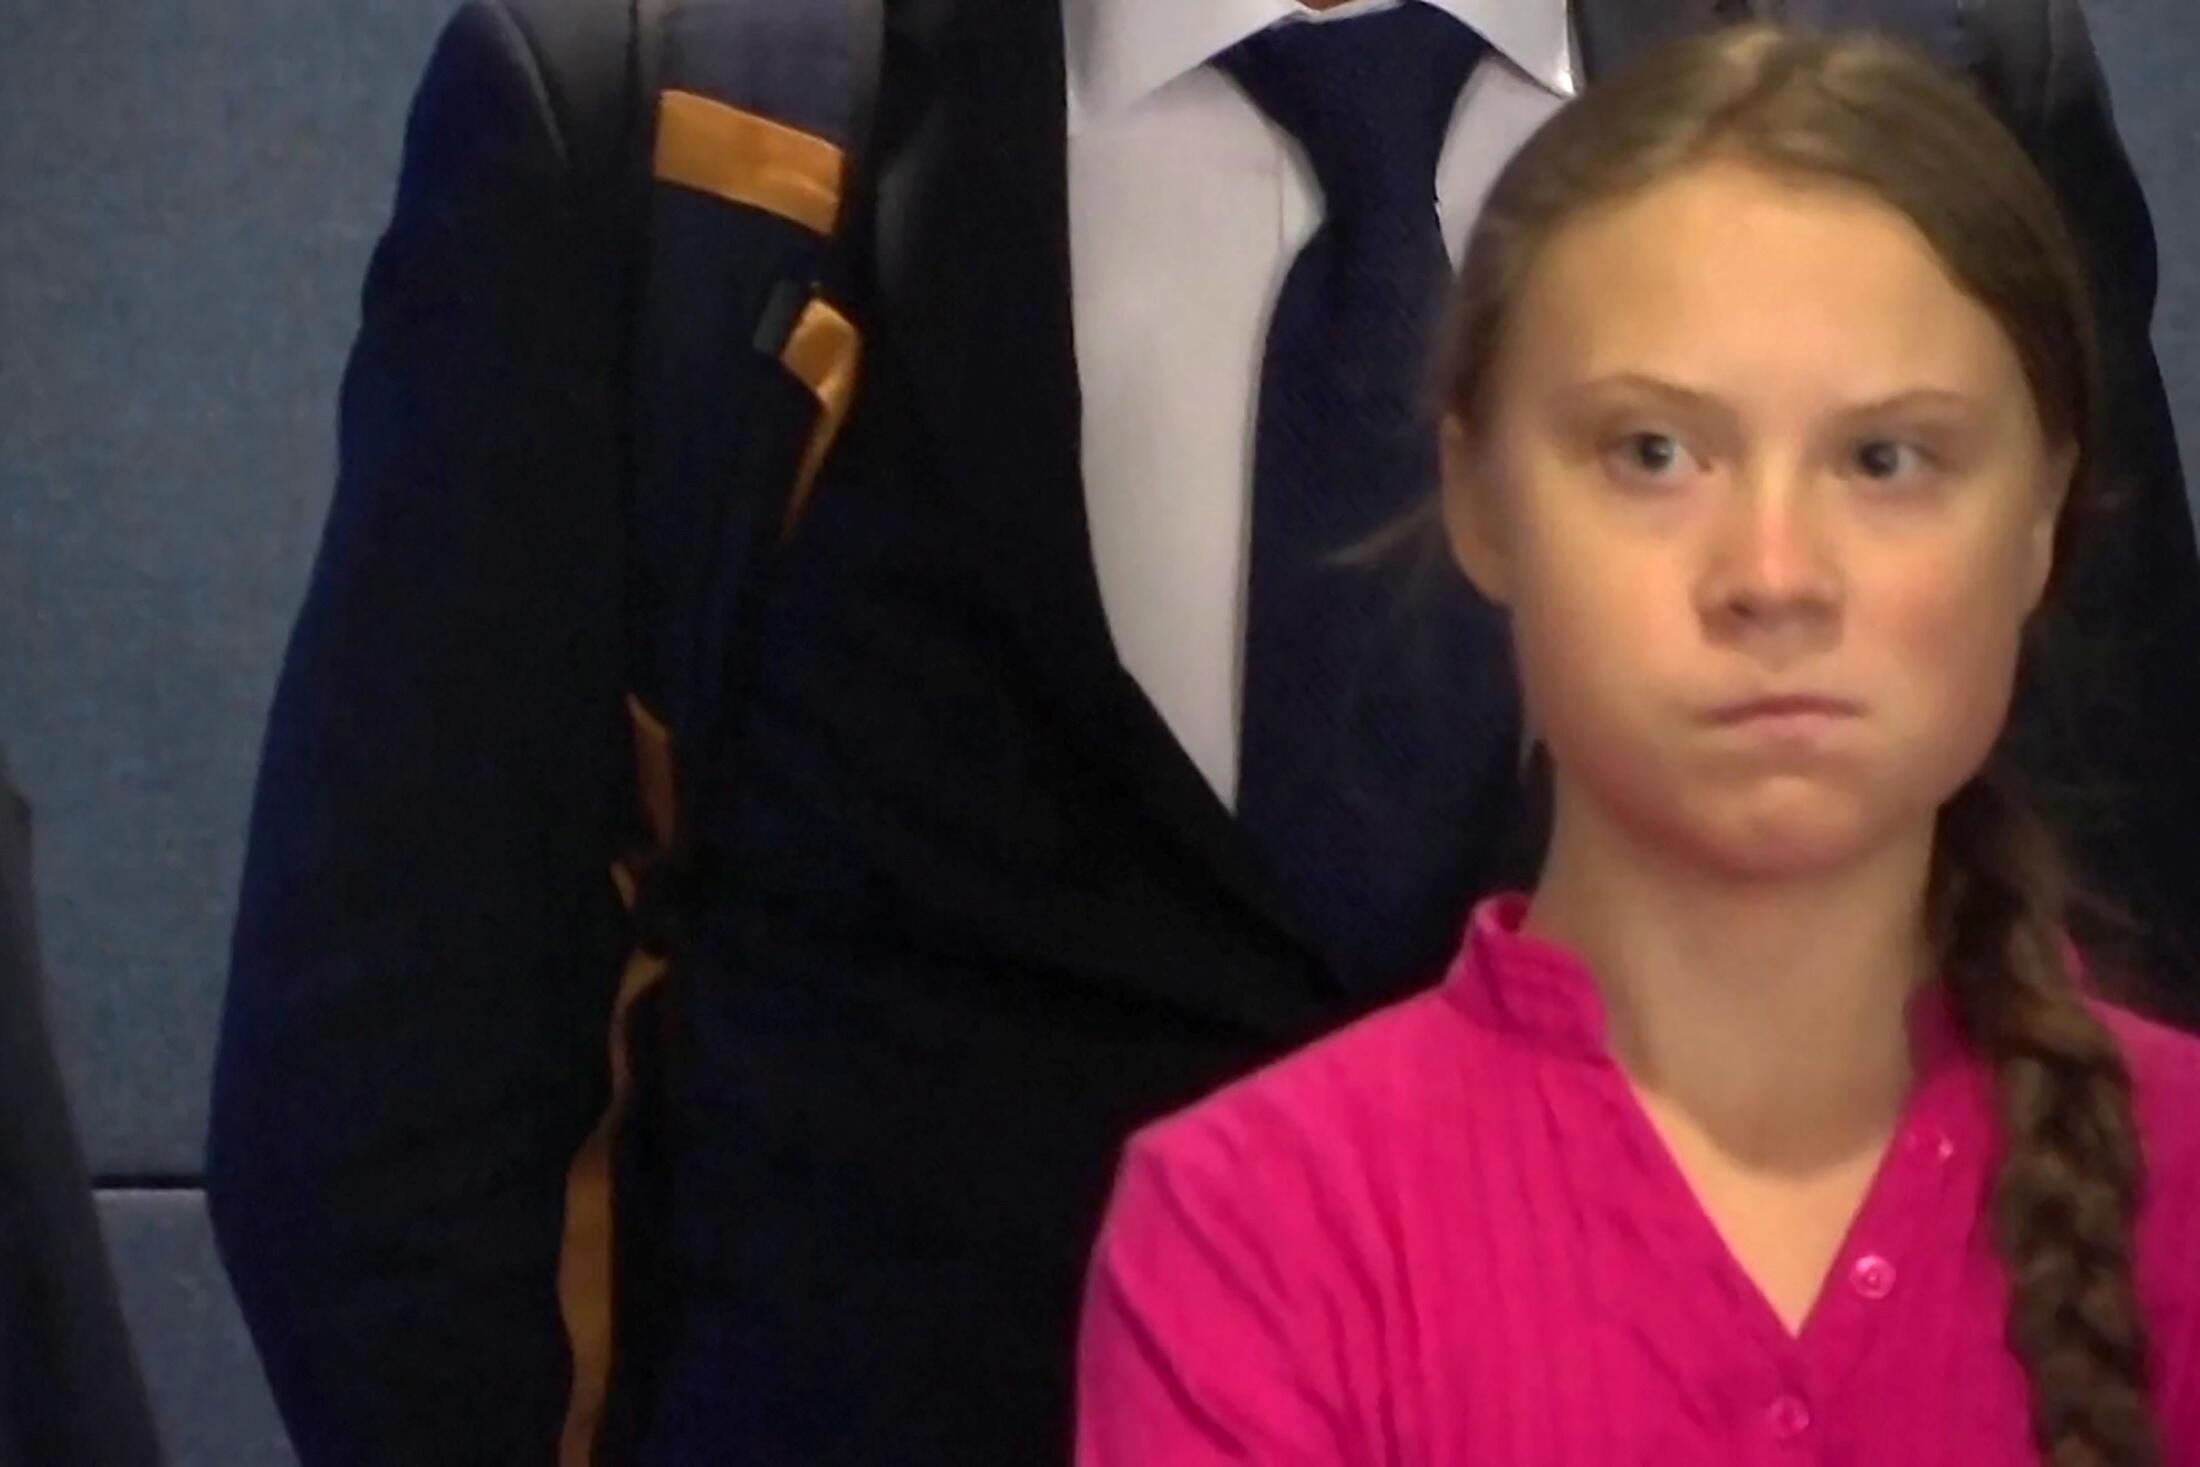 出席聯大氣候峰會的瑞典16歲中學生格蕾塔·通貝里批評國際領袖在氣候問題上沒有作為。